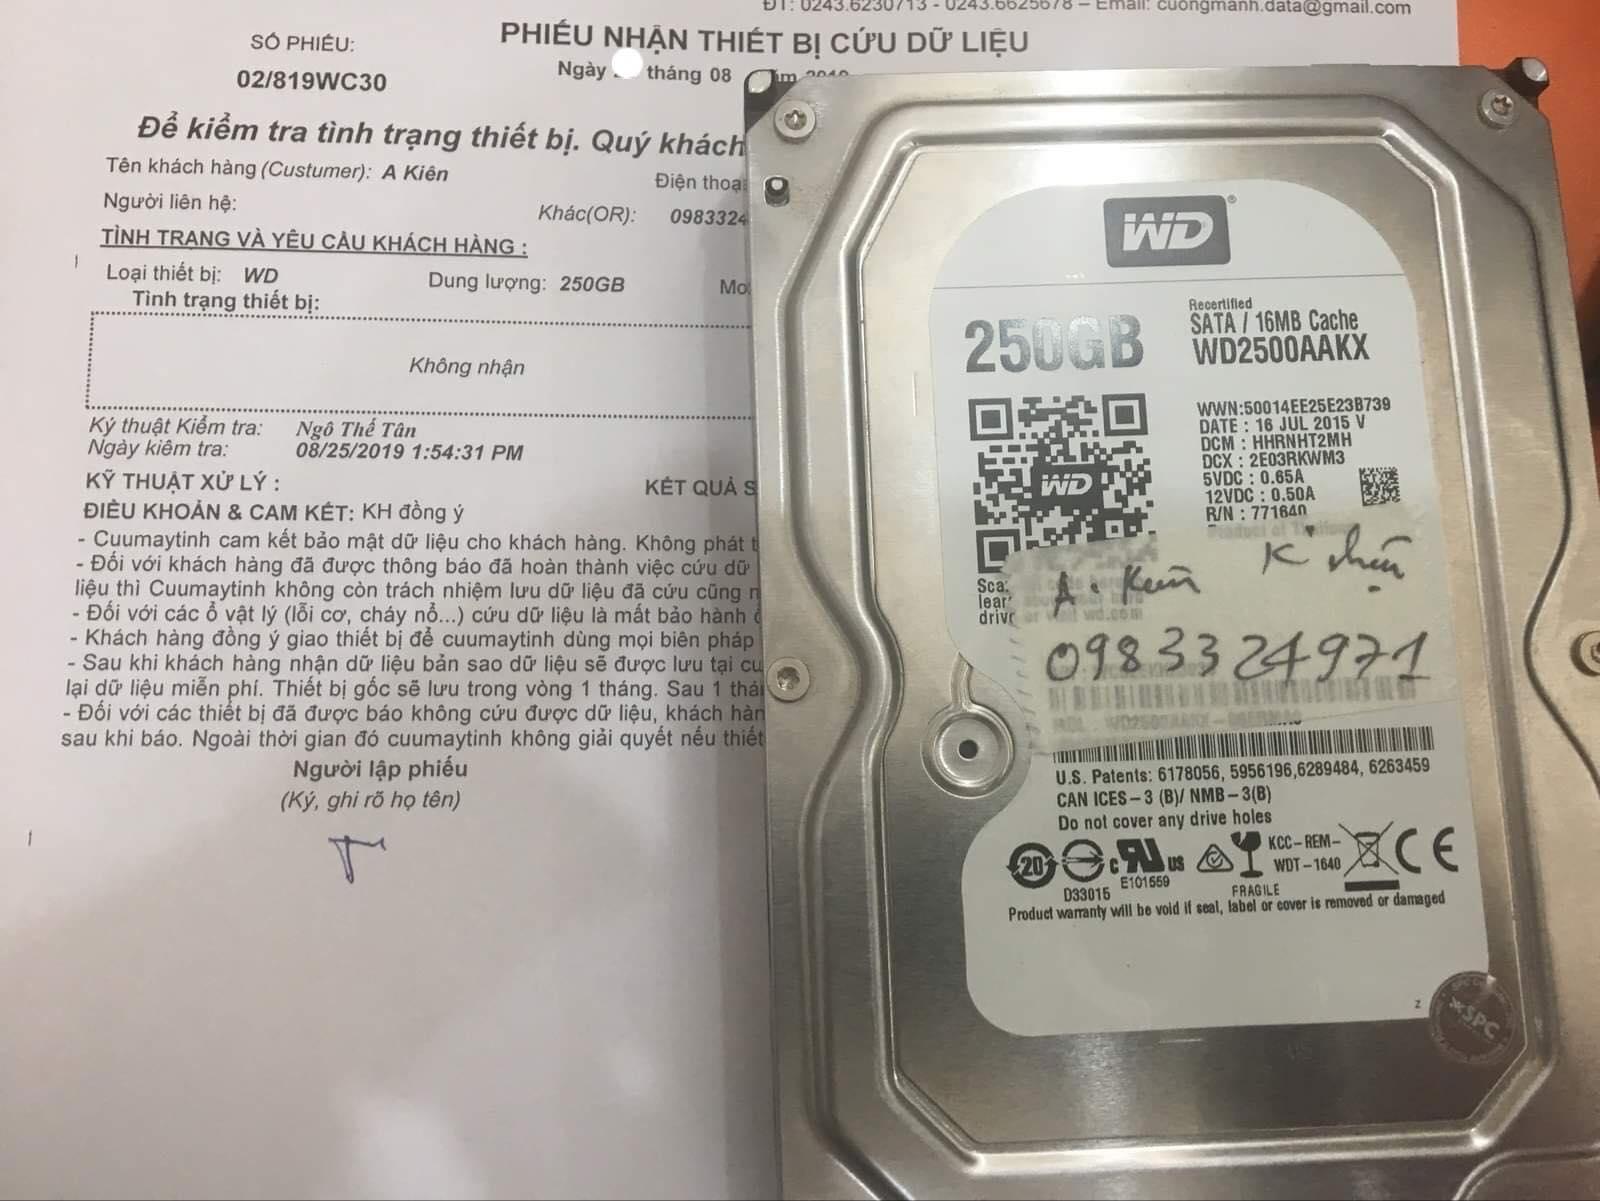 Cứu dữ liệu ổ cứng Western 250GB không nhận 31/08/2019 - cuumaytinh